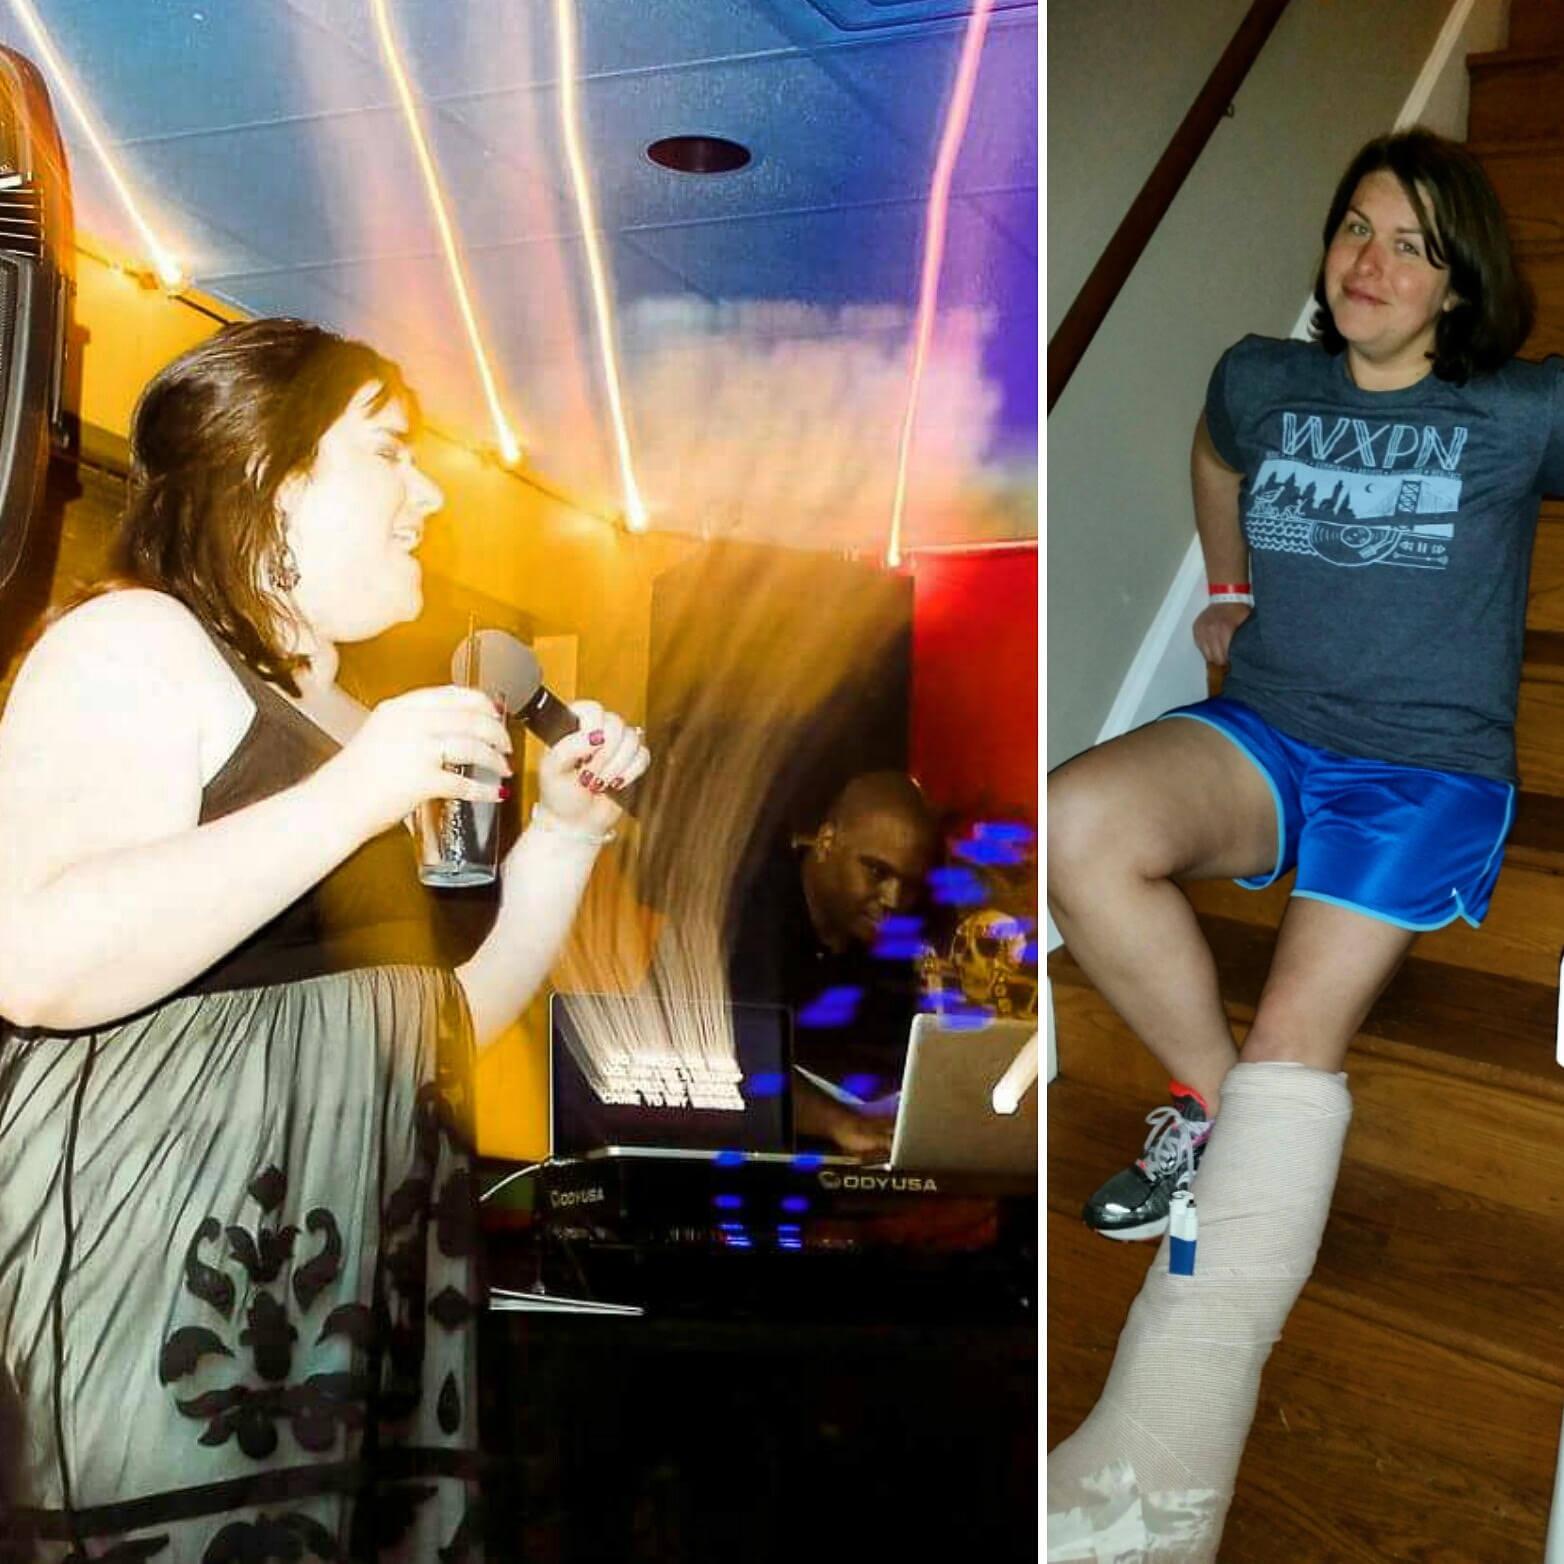 Jacqueline Barrett Lost 62 lbs